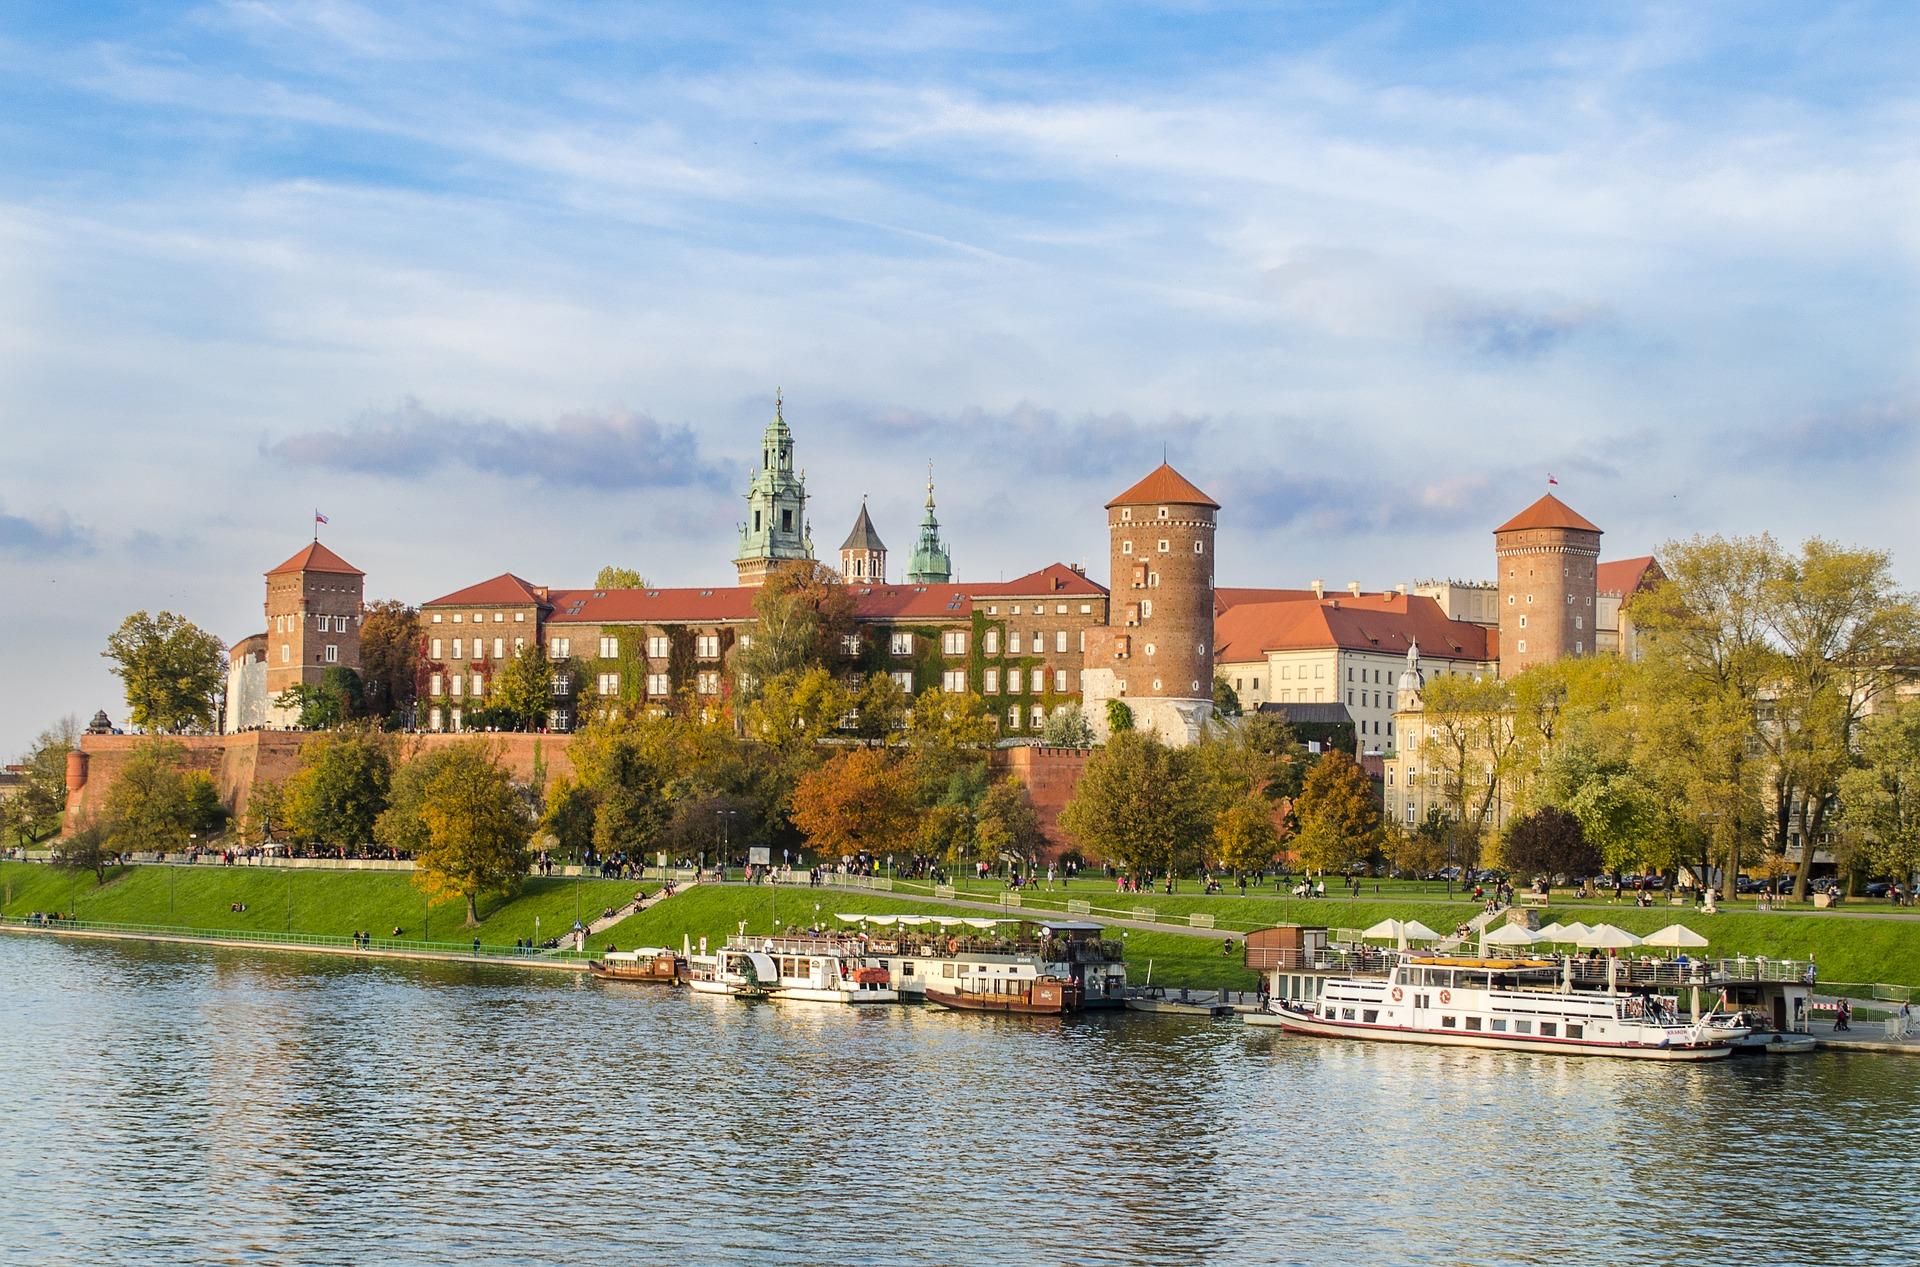 Zamek w Krakowie przy Wiśle